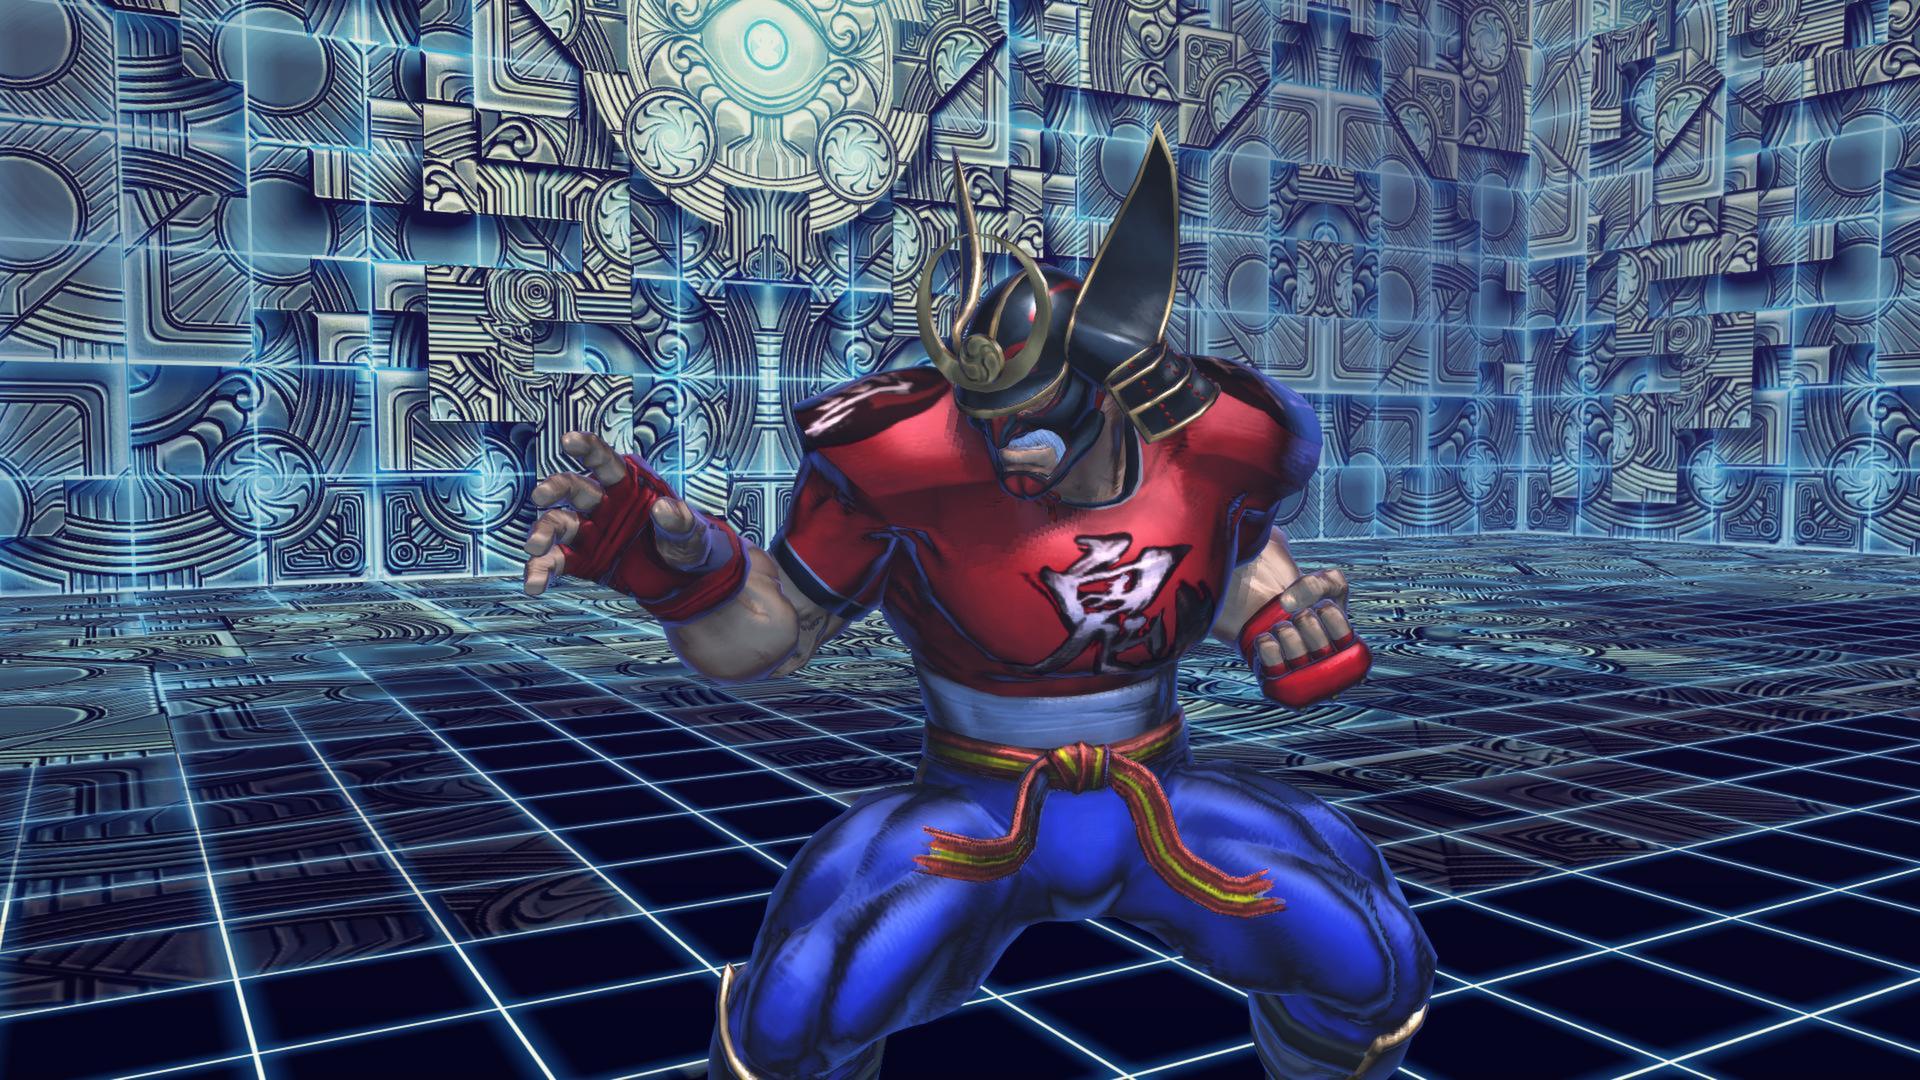 Street Fighter X Tekken: Tekken Swap Costume Complete Pack